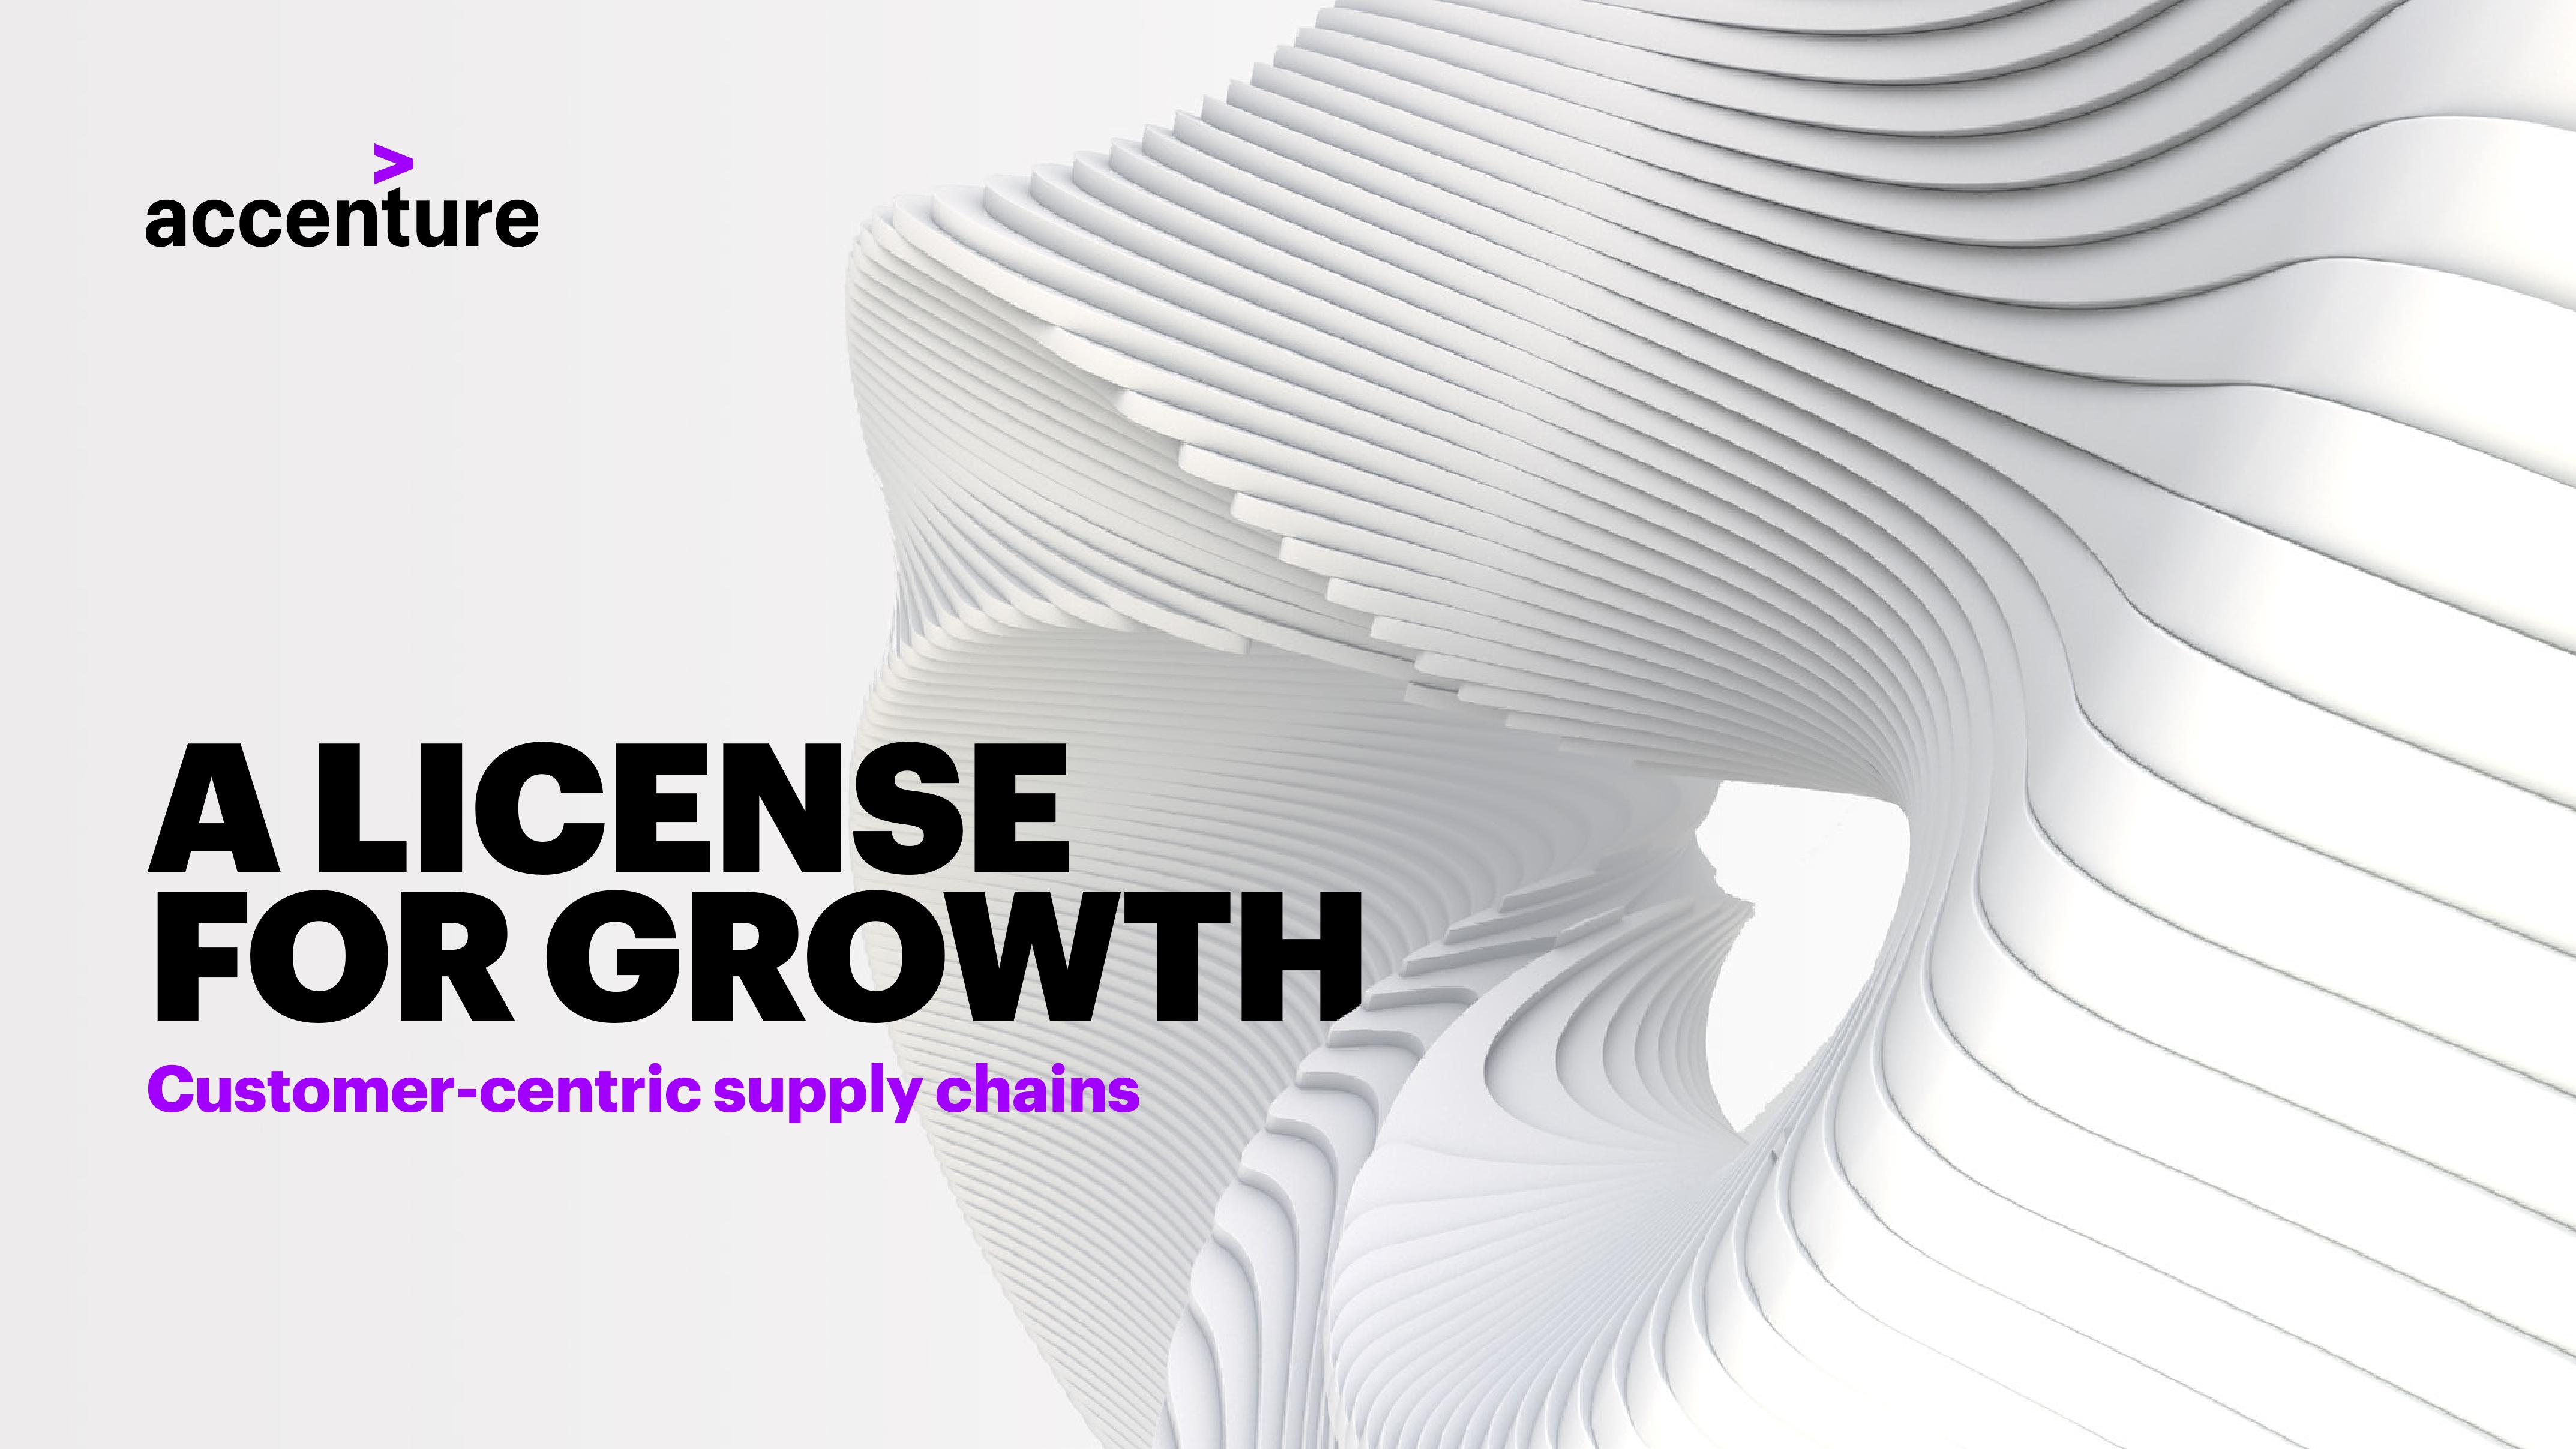 加速增长:以客户为中心的供应链报告